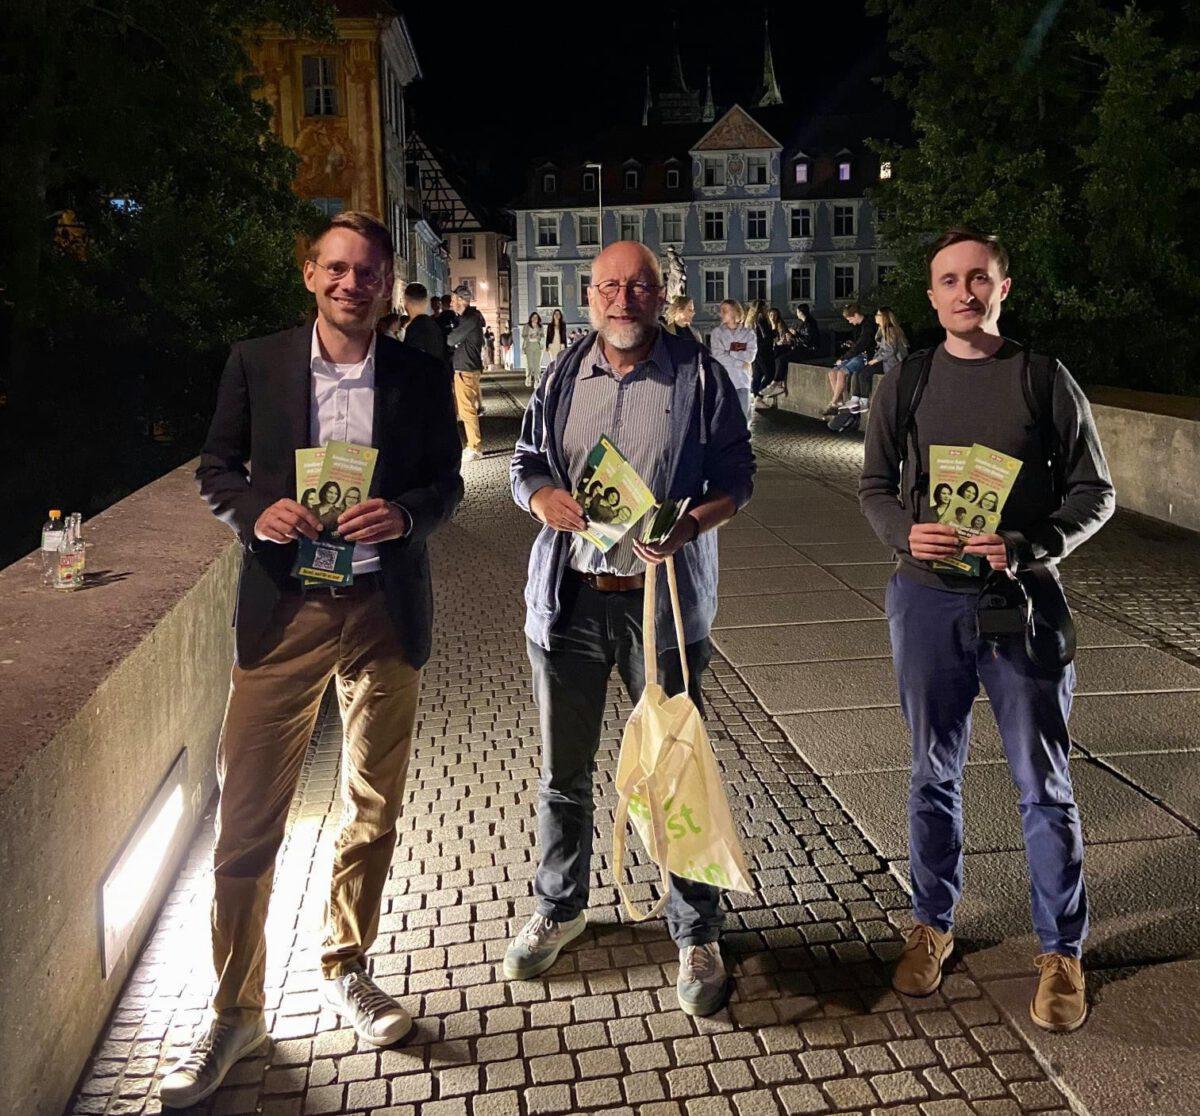 Thomas von Sarnowski mit zwei grünen Mitgliedern auf einer Brücke bei Nacht mit Flyern in der Hand